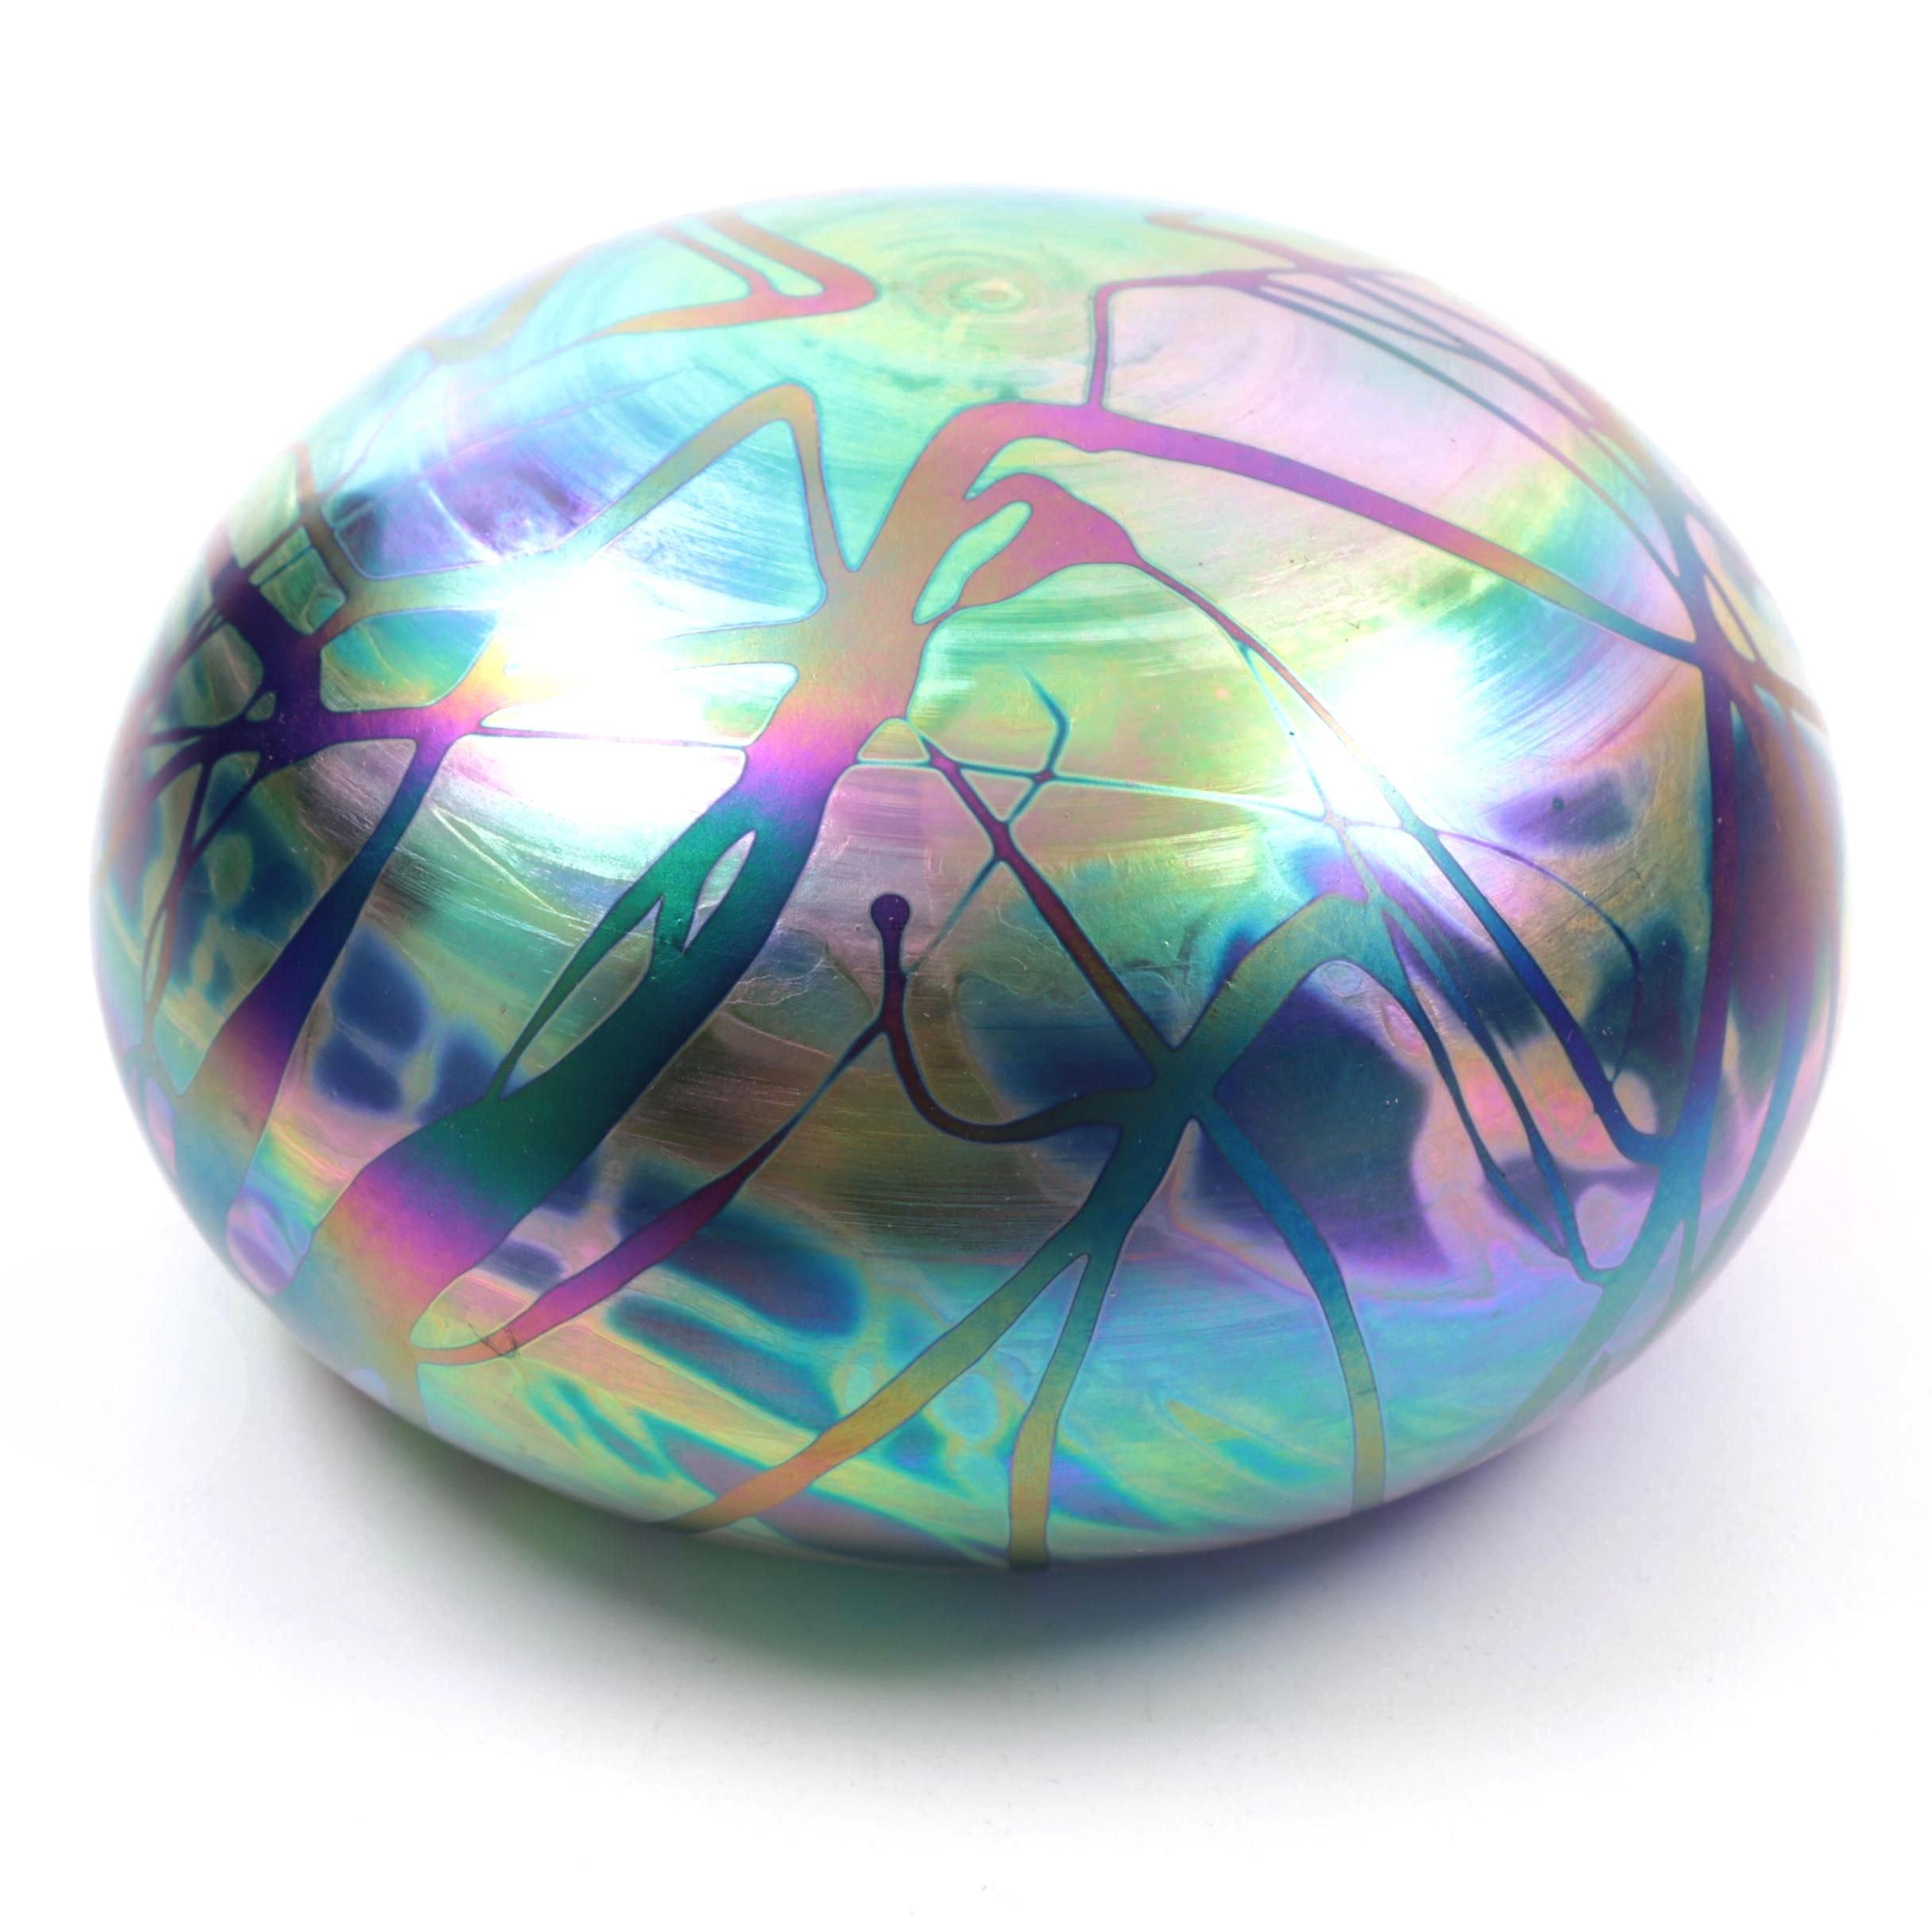 Intaglio Anton Art Glass Paperweight